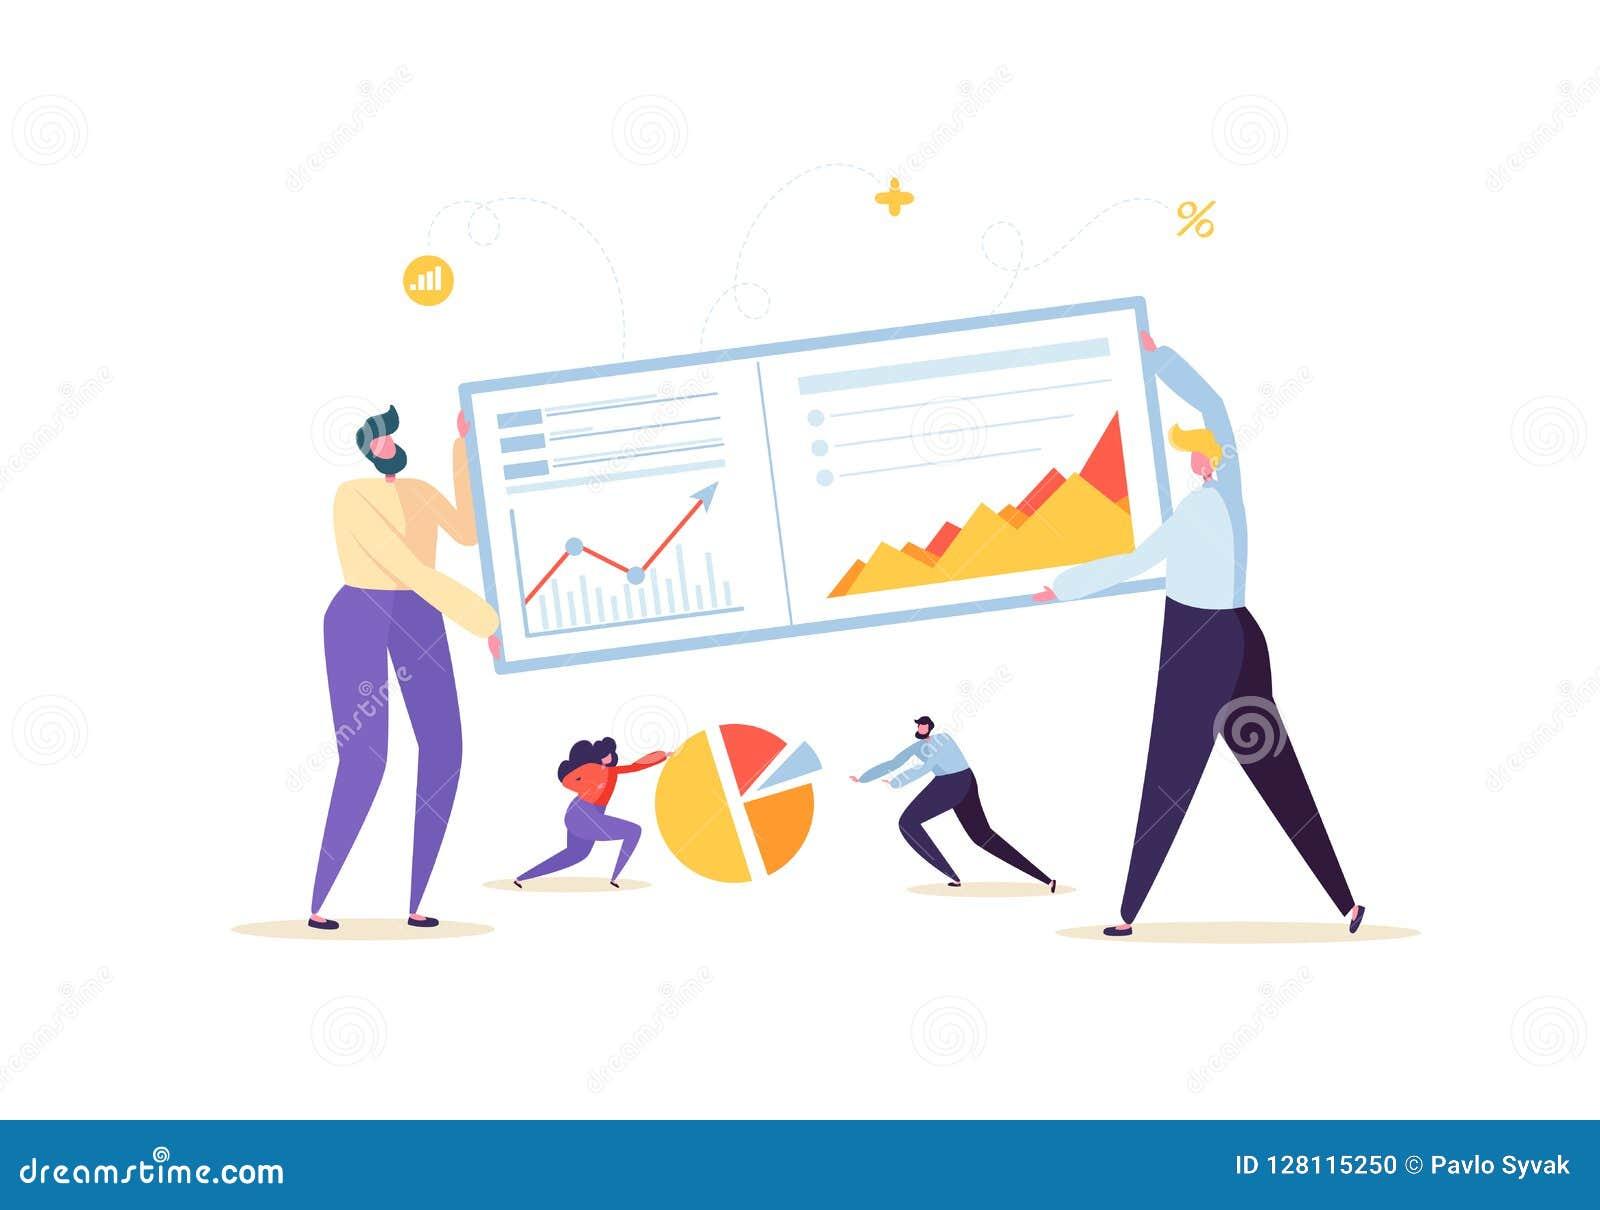 Μεγάλη έννοια στρατηγικής ανάλυσης στοιχείων Μάρκετινγκ Analytics με τους χαρακτήρες επιχειρηματιών που εργάζονται μαζί με τα δια